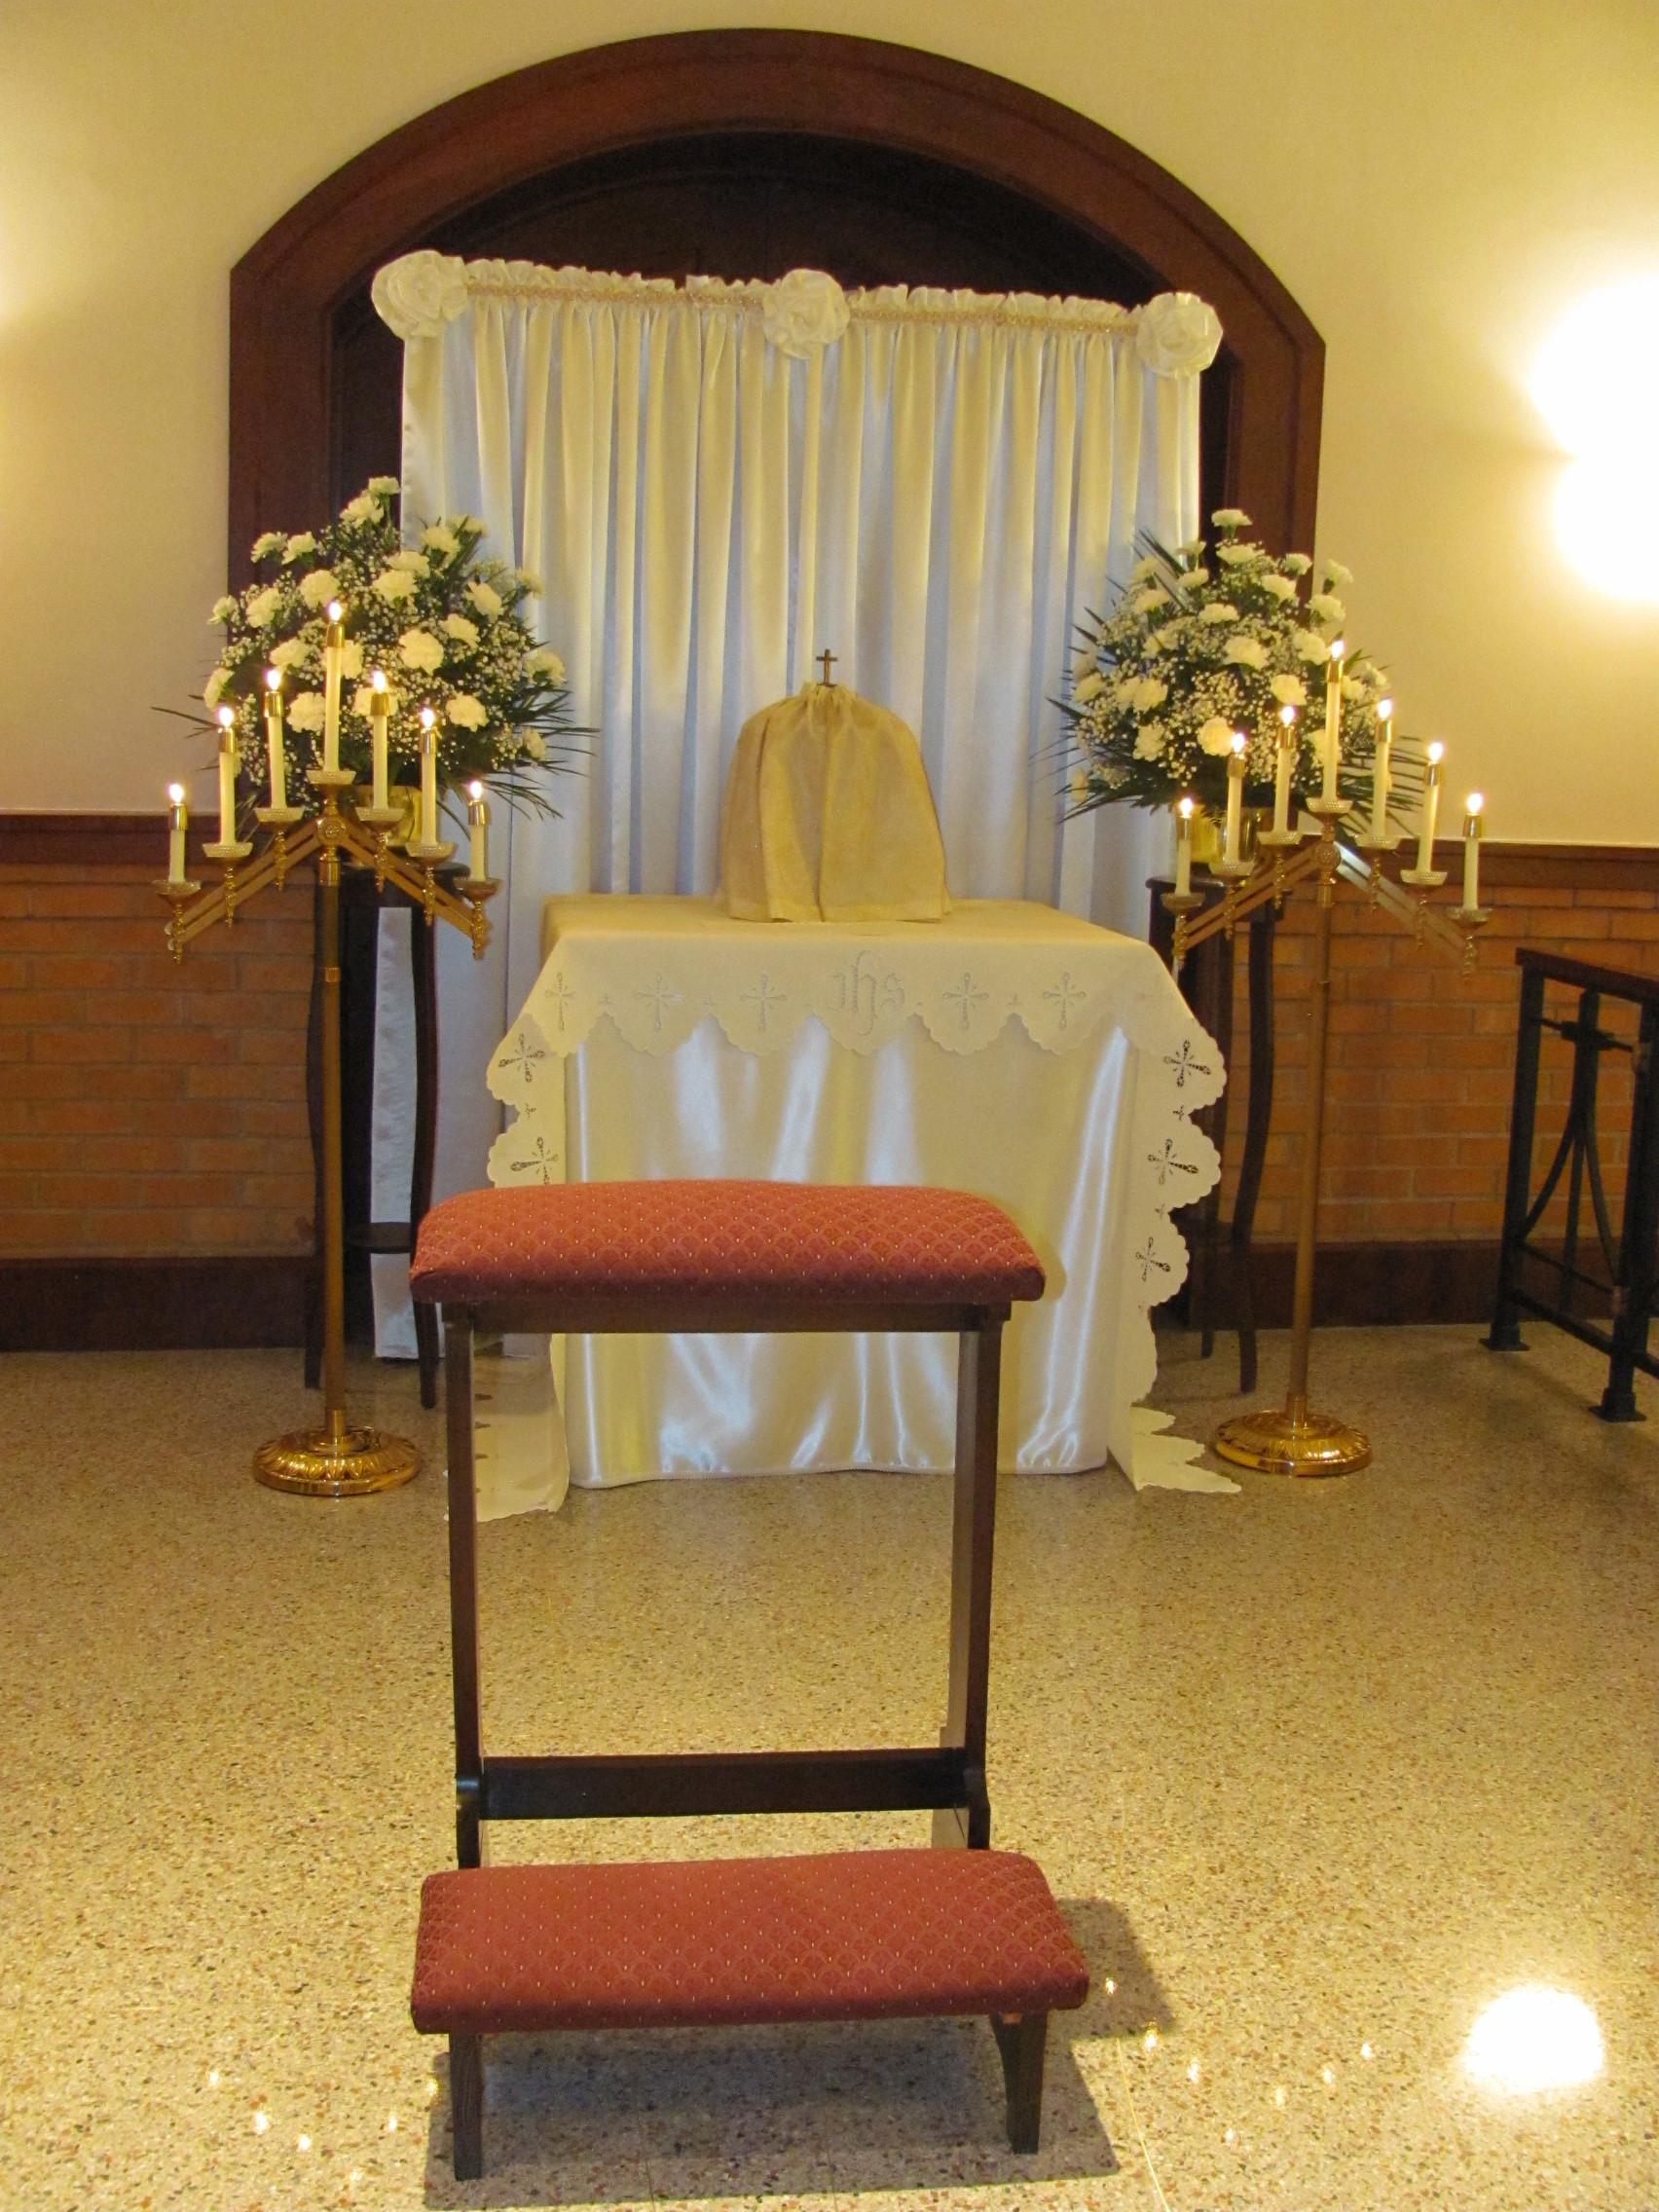 The altar of repose